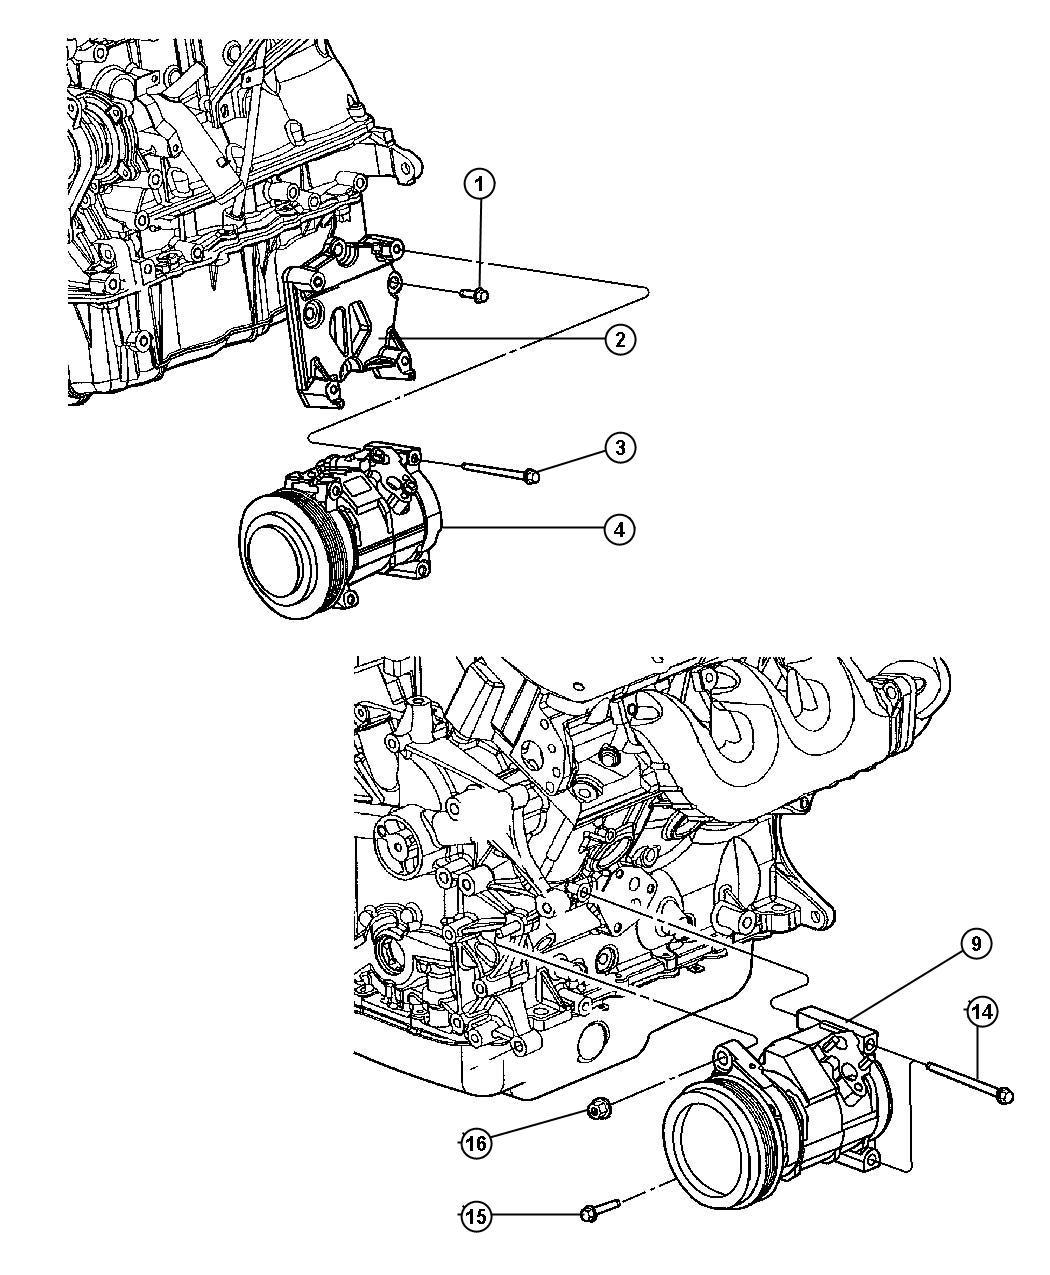 Dodge Caliber Compressor Air Conditioning